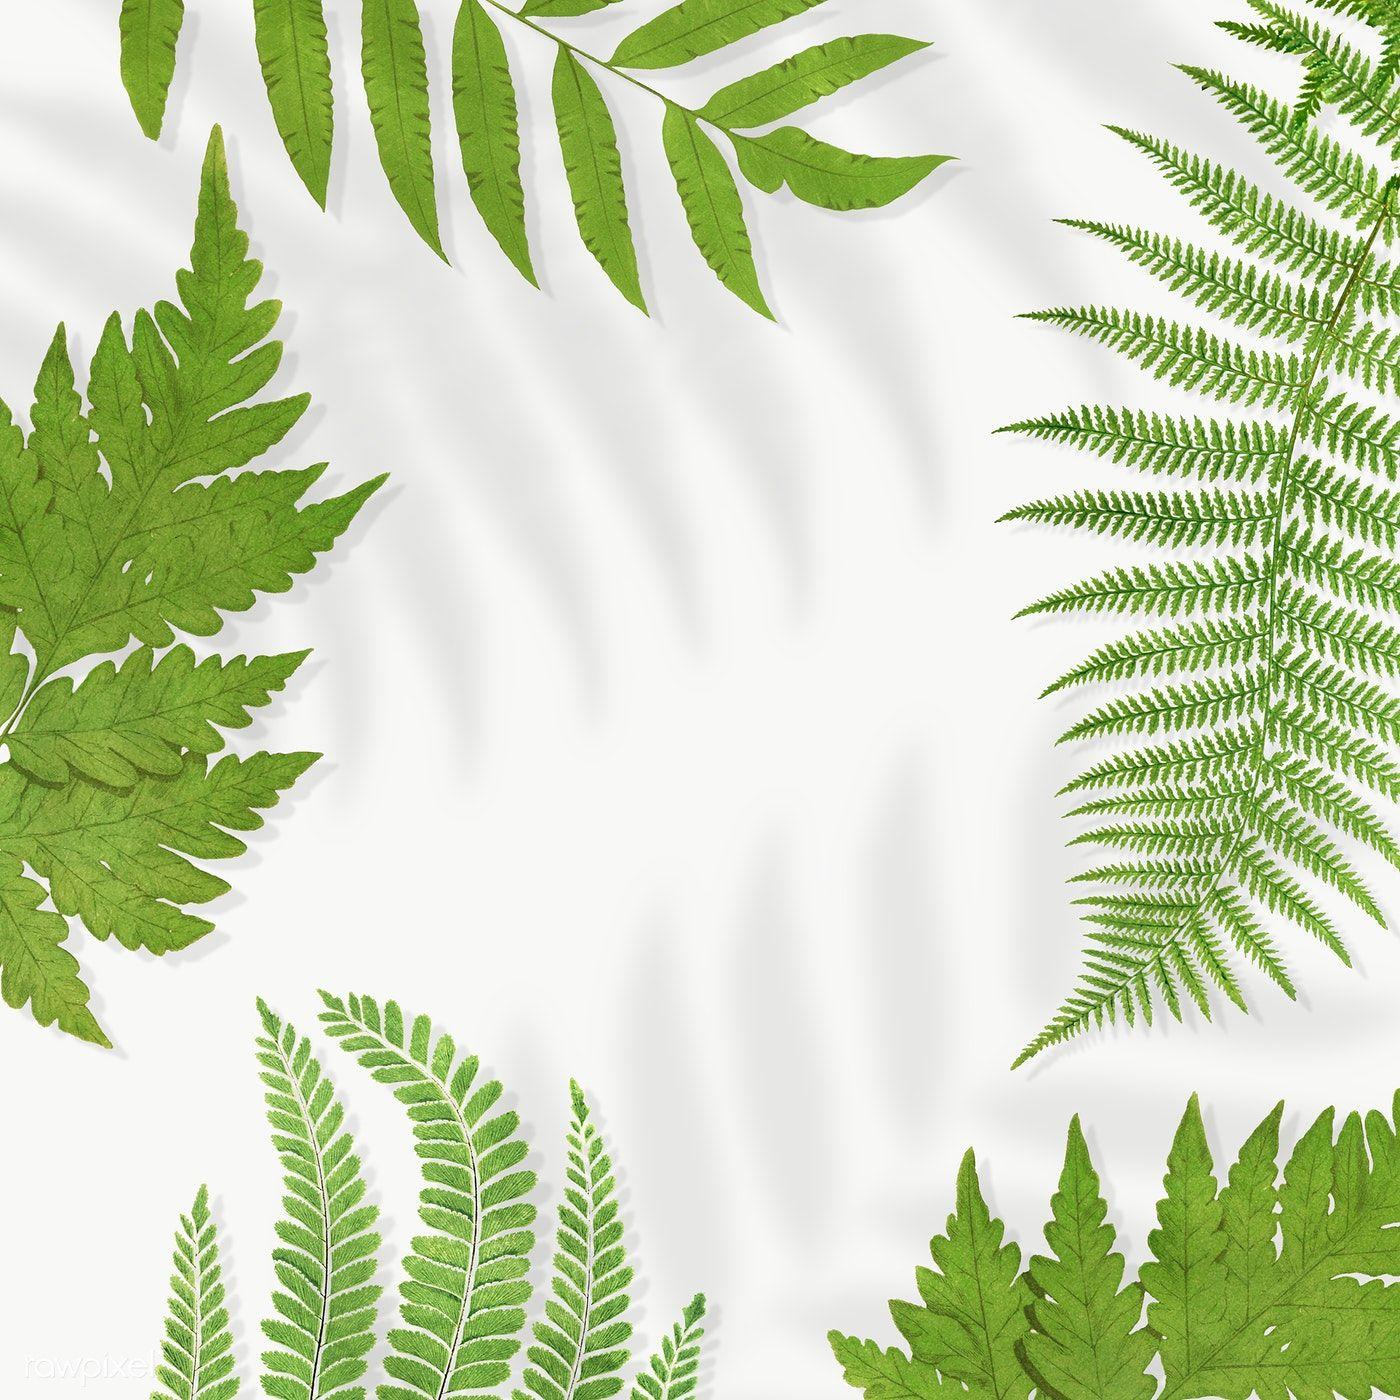 Download Premium Png Of Frame Of Fern Leaves Transparent Png 2251141 Flower Illustration Leaf Illustration Leaf Background